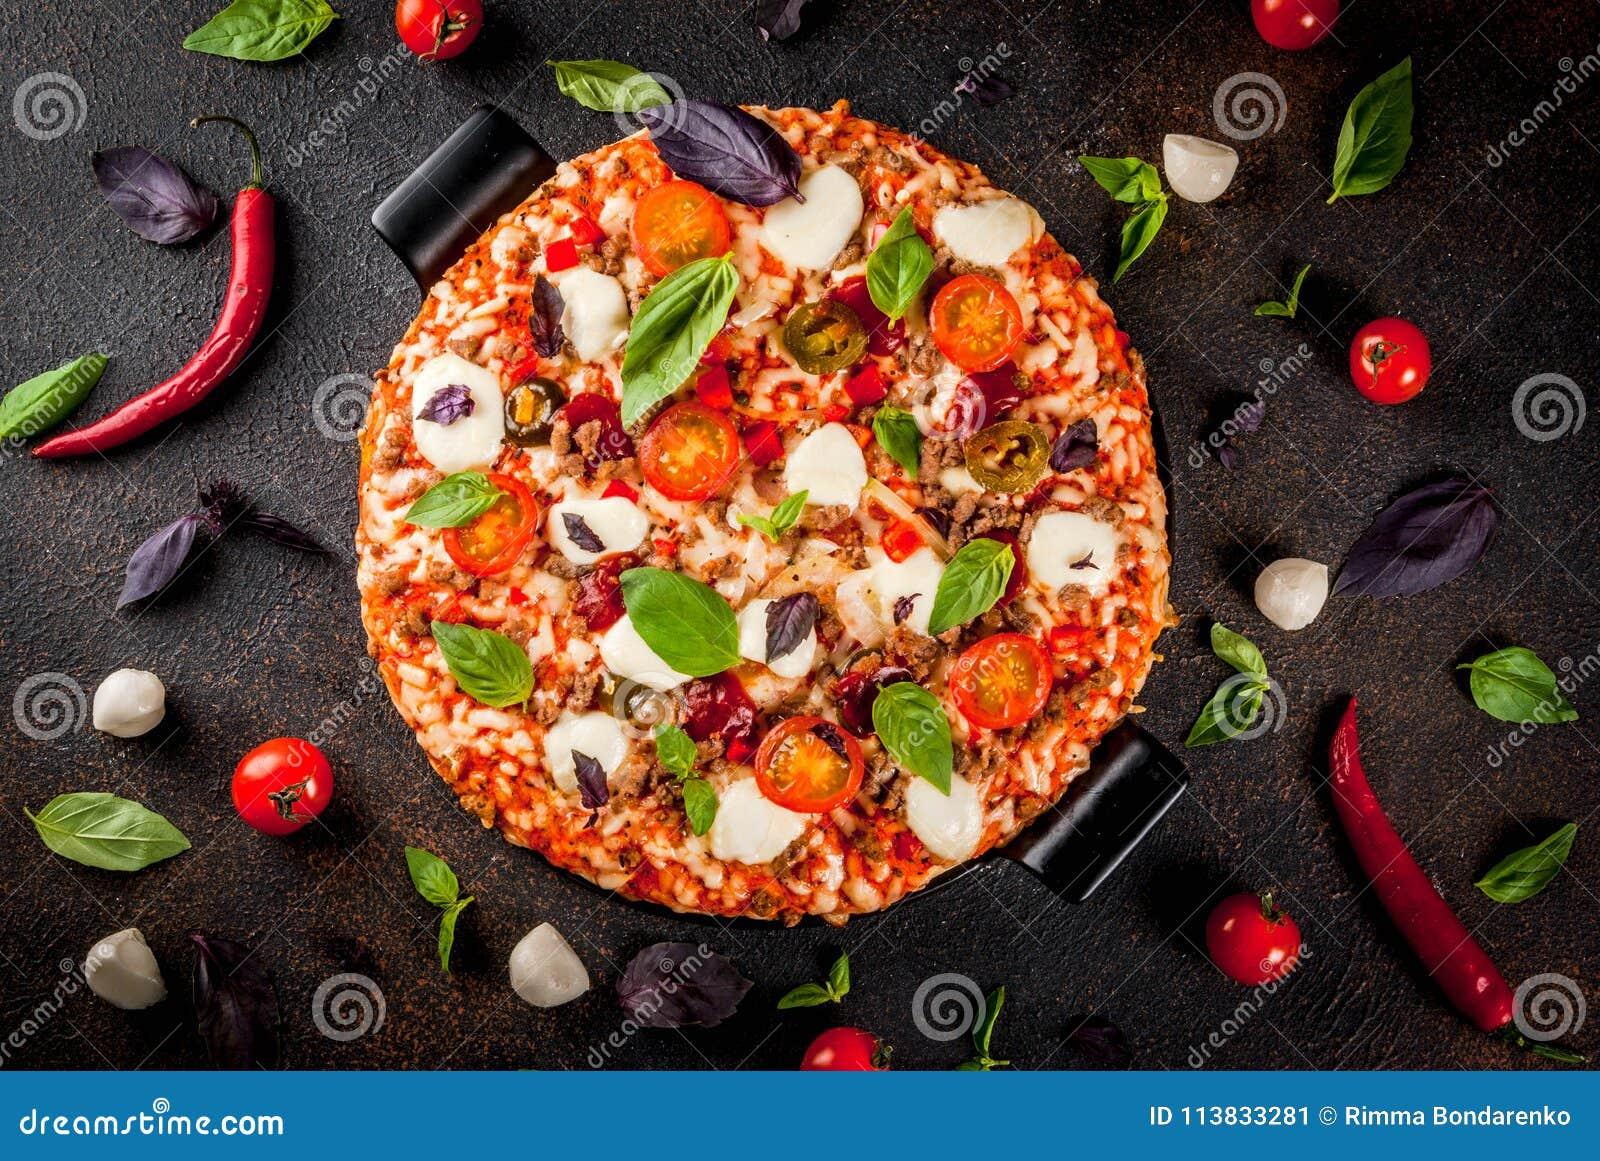 Итальянская пицца с ингридиентами